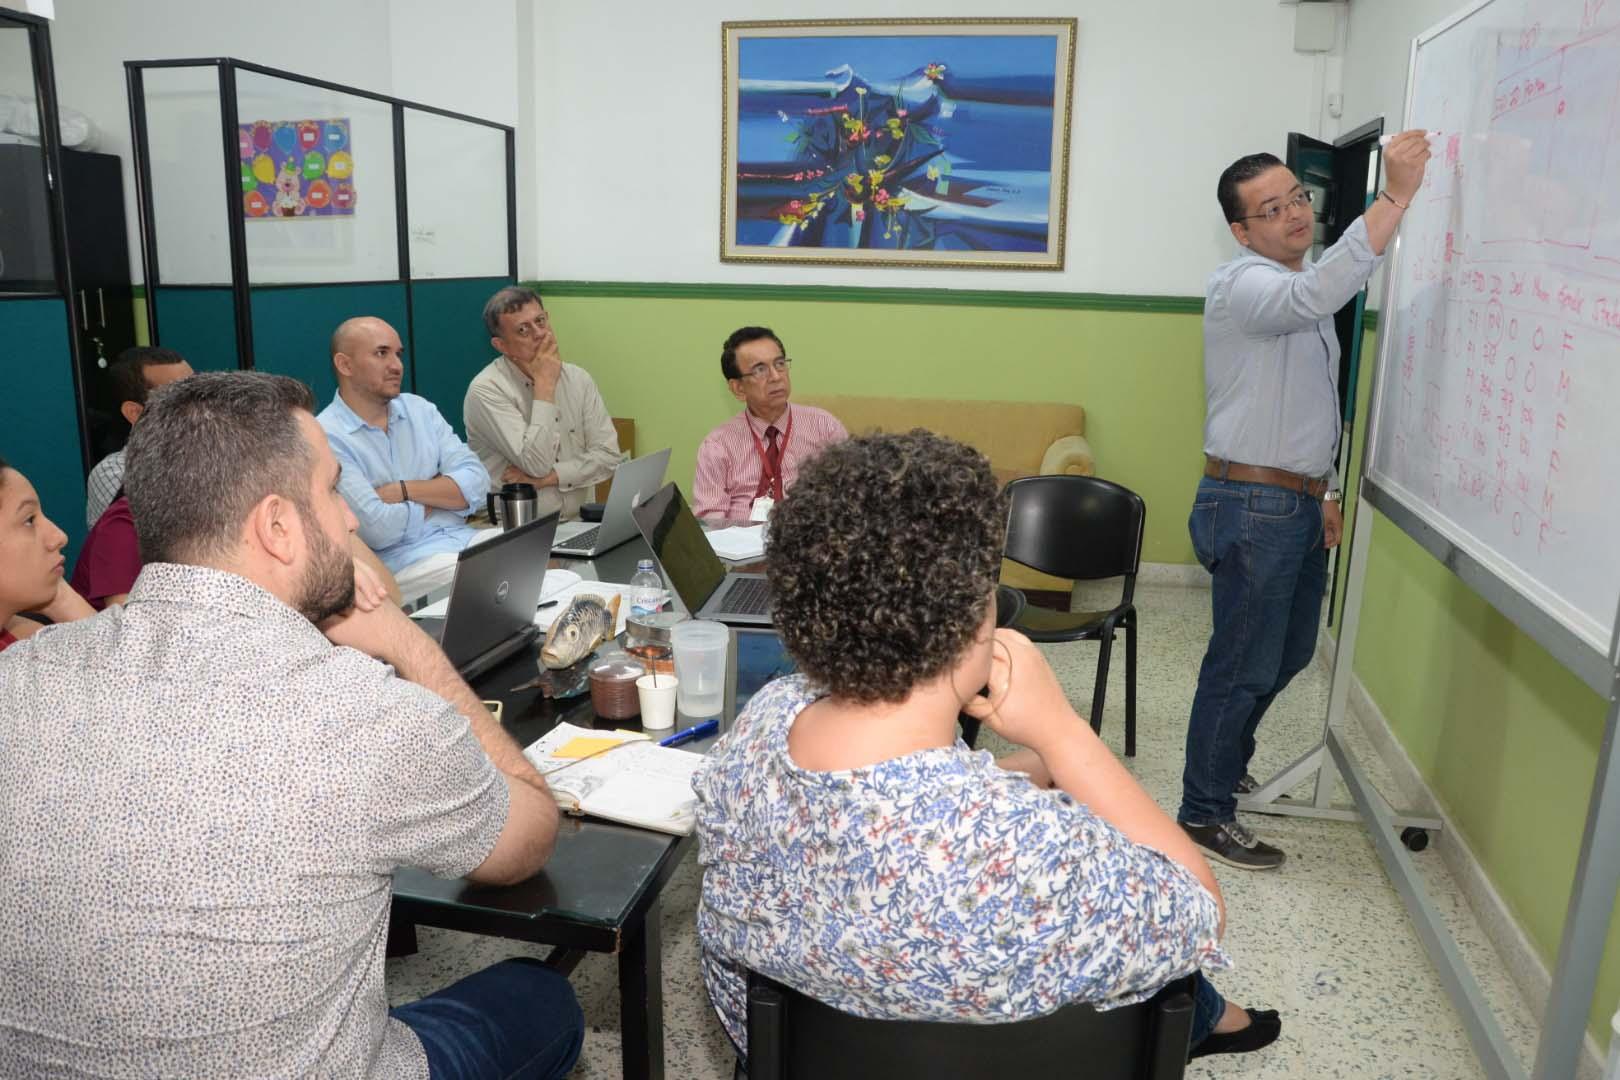 El grupo de trabajo reunido en las instalaciones de la Universidad Simón Bolívar evalúa resultados.